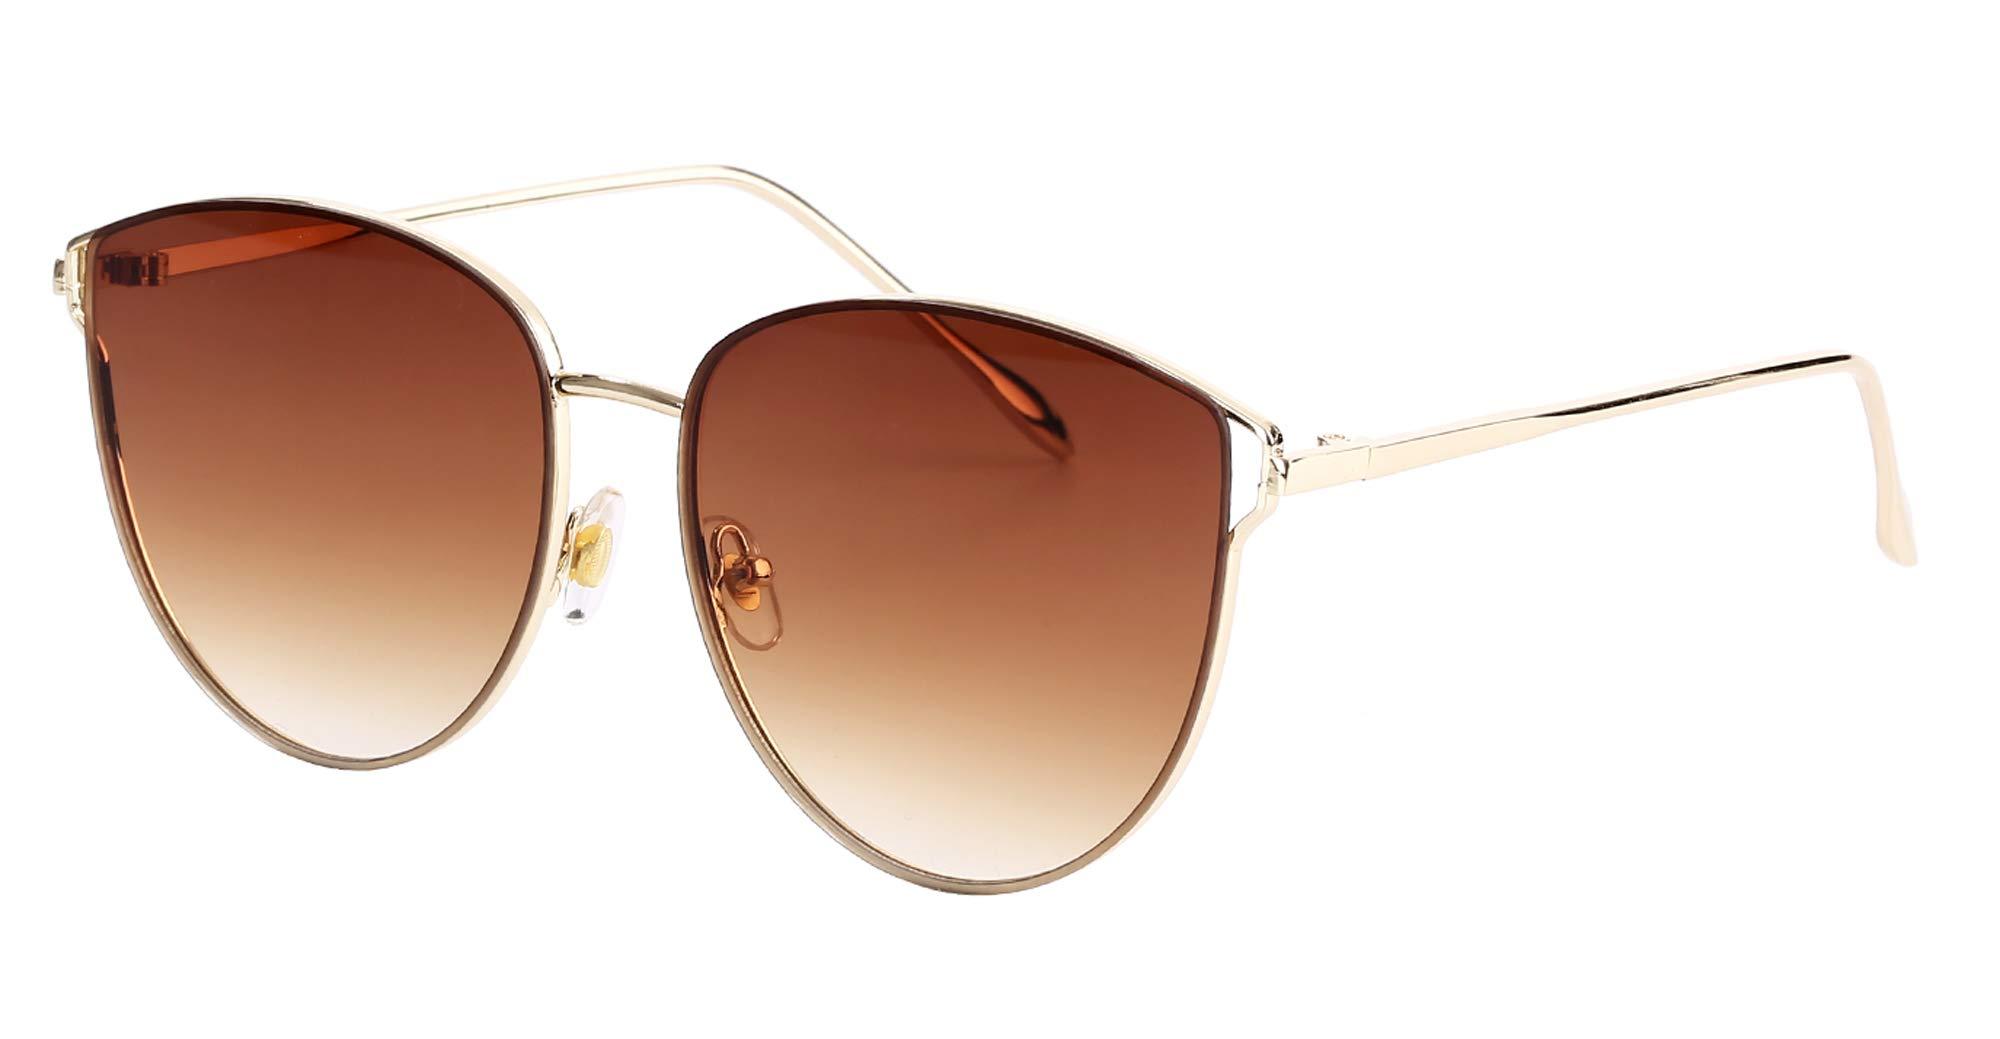 Mirrored Sunglasses for Women, Cat Eye Sunglasses, Rimless Sunglasses with Sunglasses Case (brown)